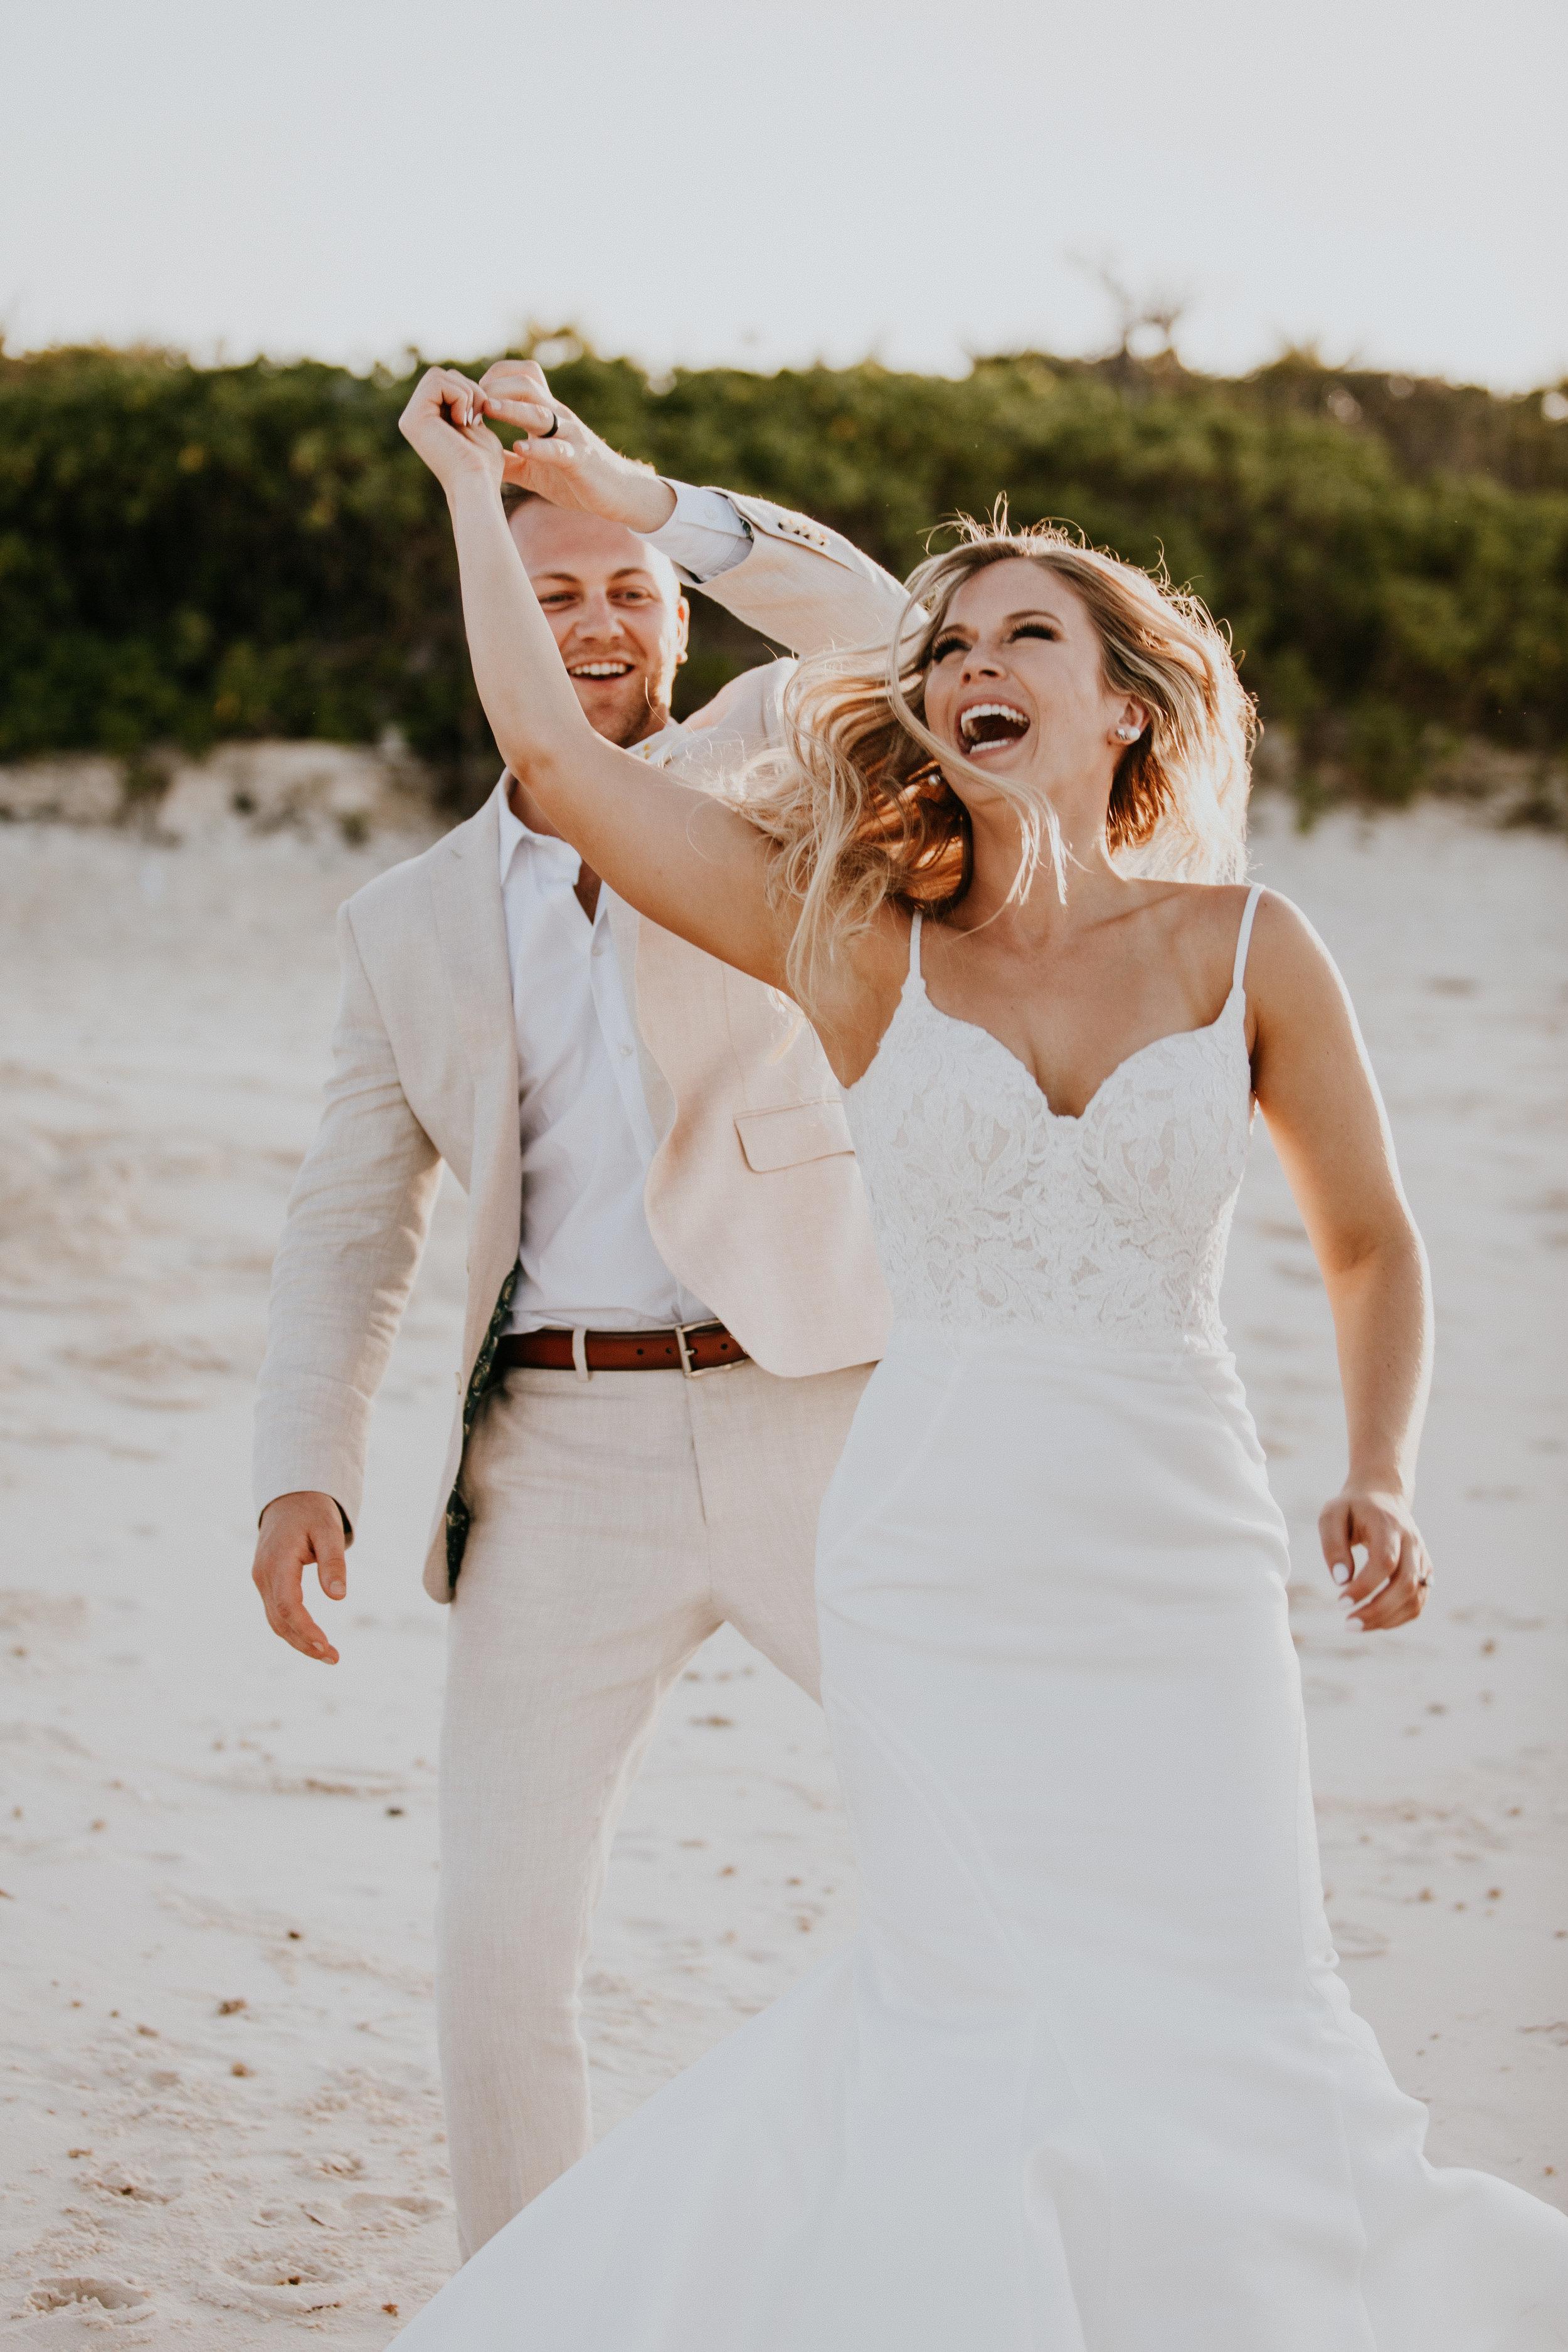 WEDDINGSkailee & zac - Great Guana Cay, Bahamas